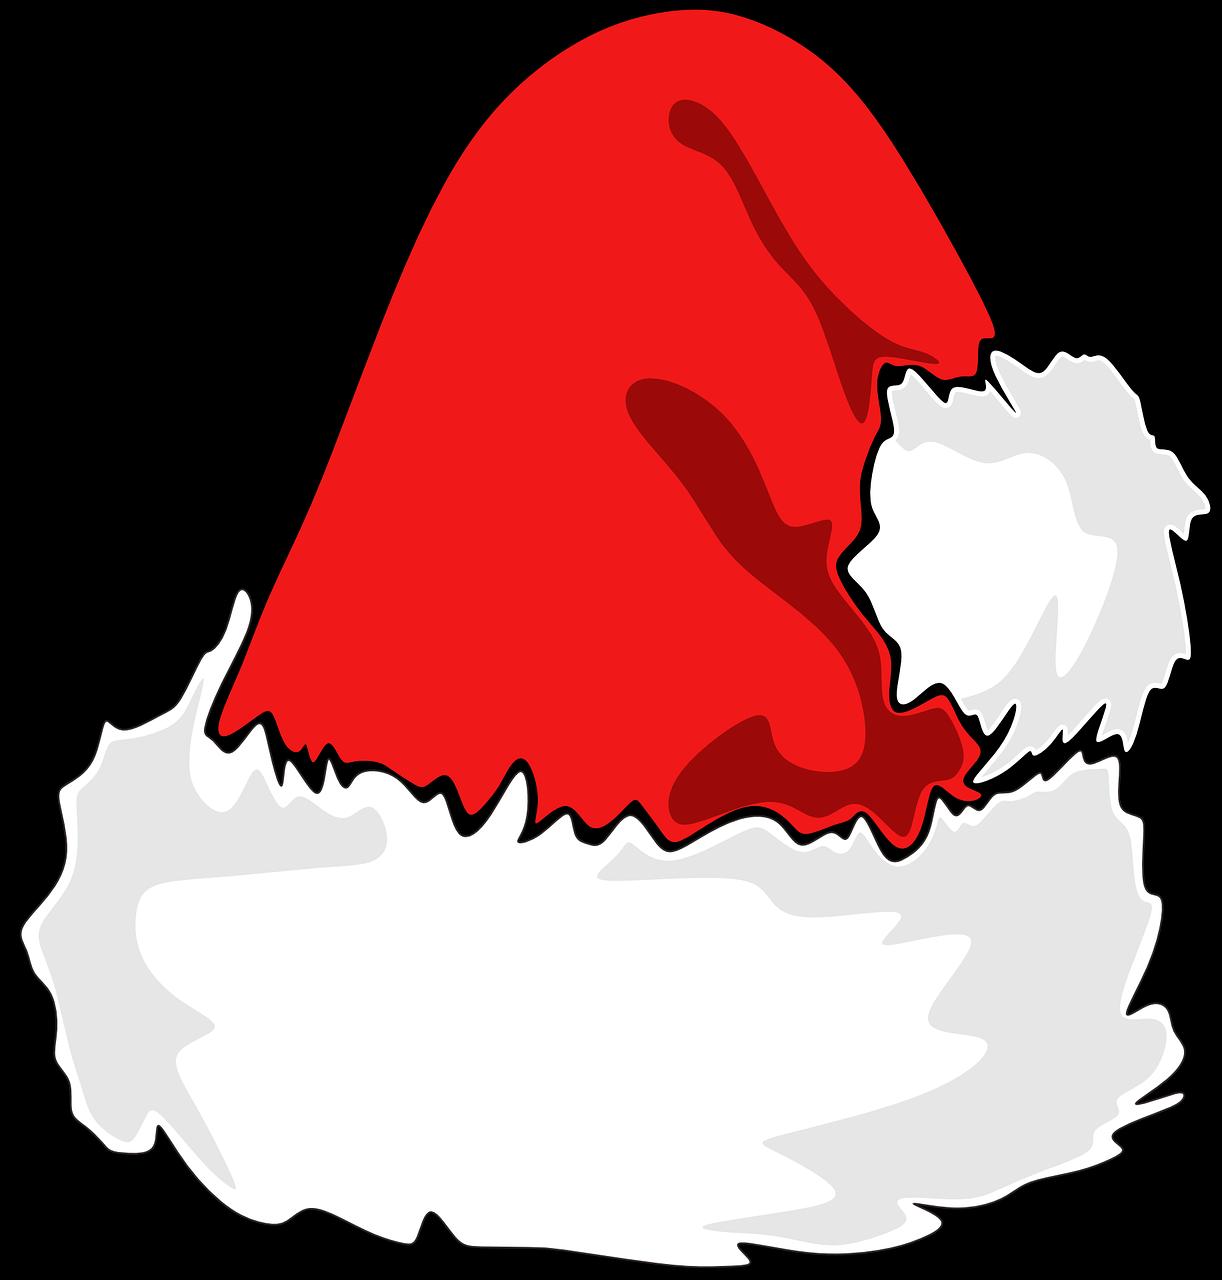 Безплатни изображения на Pixabay Санта Шапка, Дядо